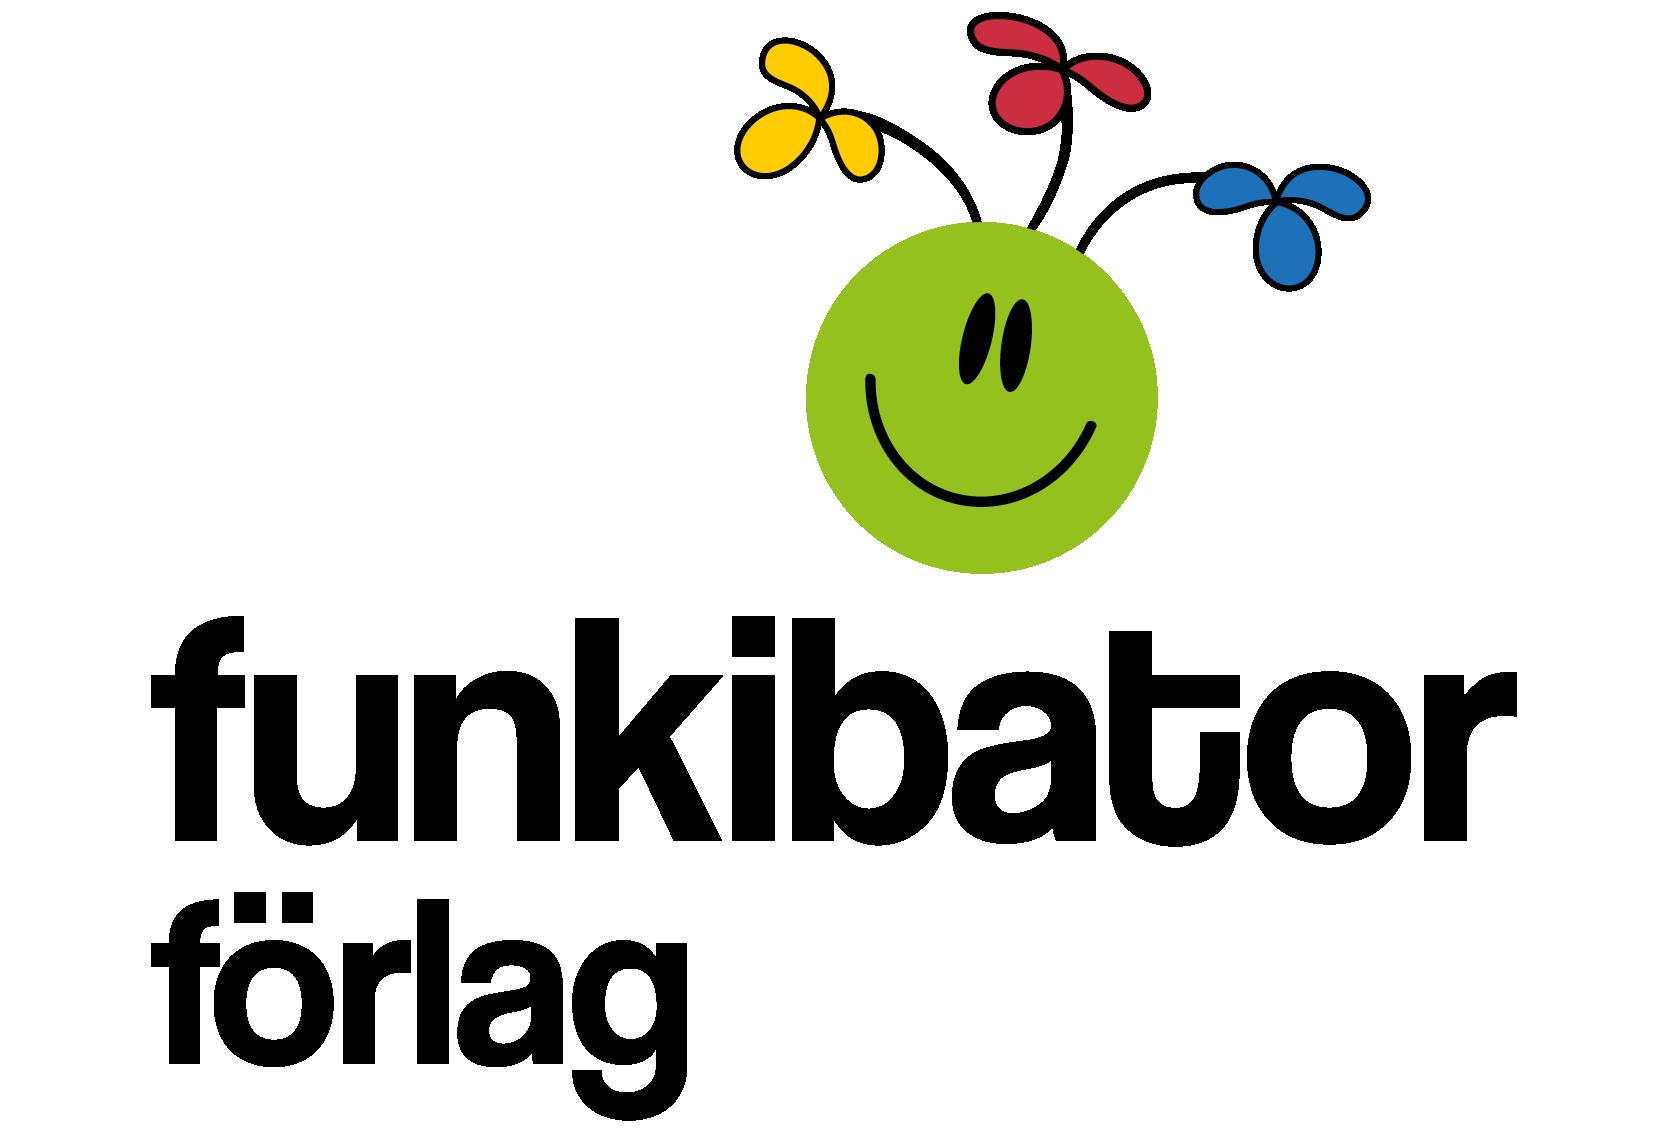 Prickens kompisar logotyp